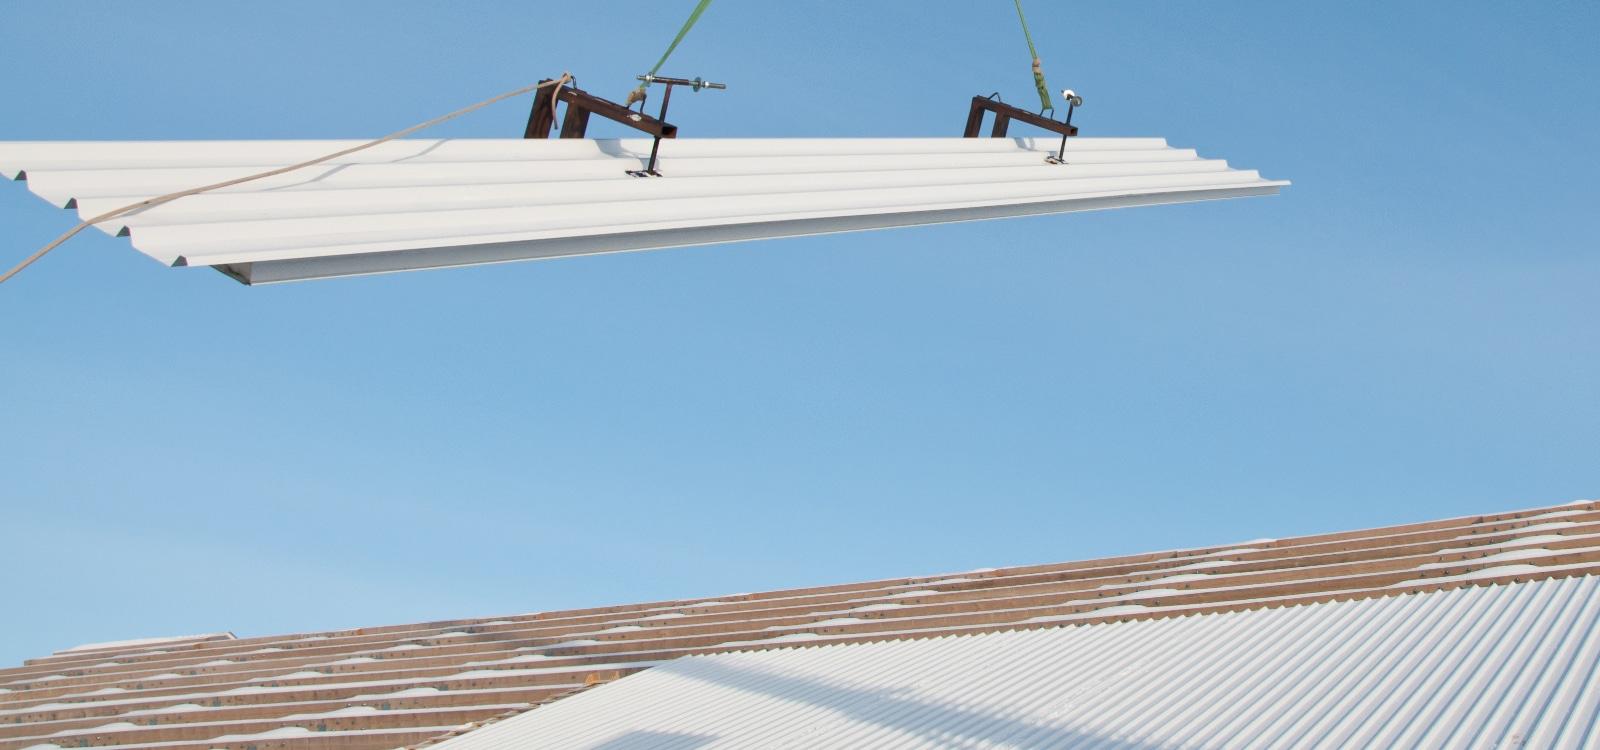 dakplaten met isolatie